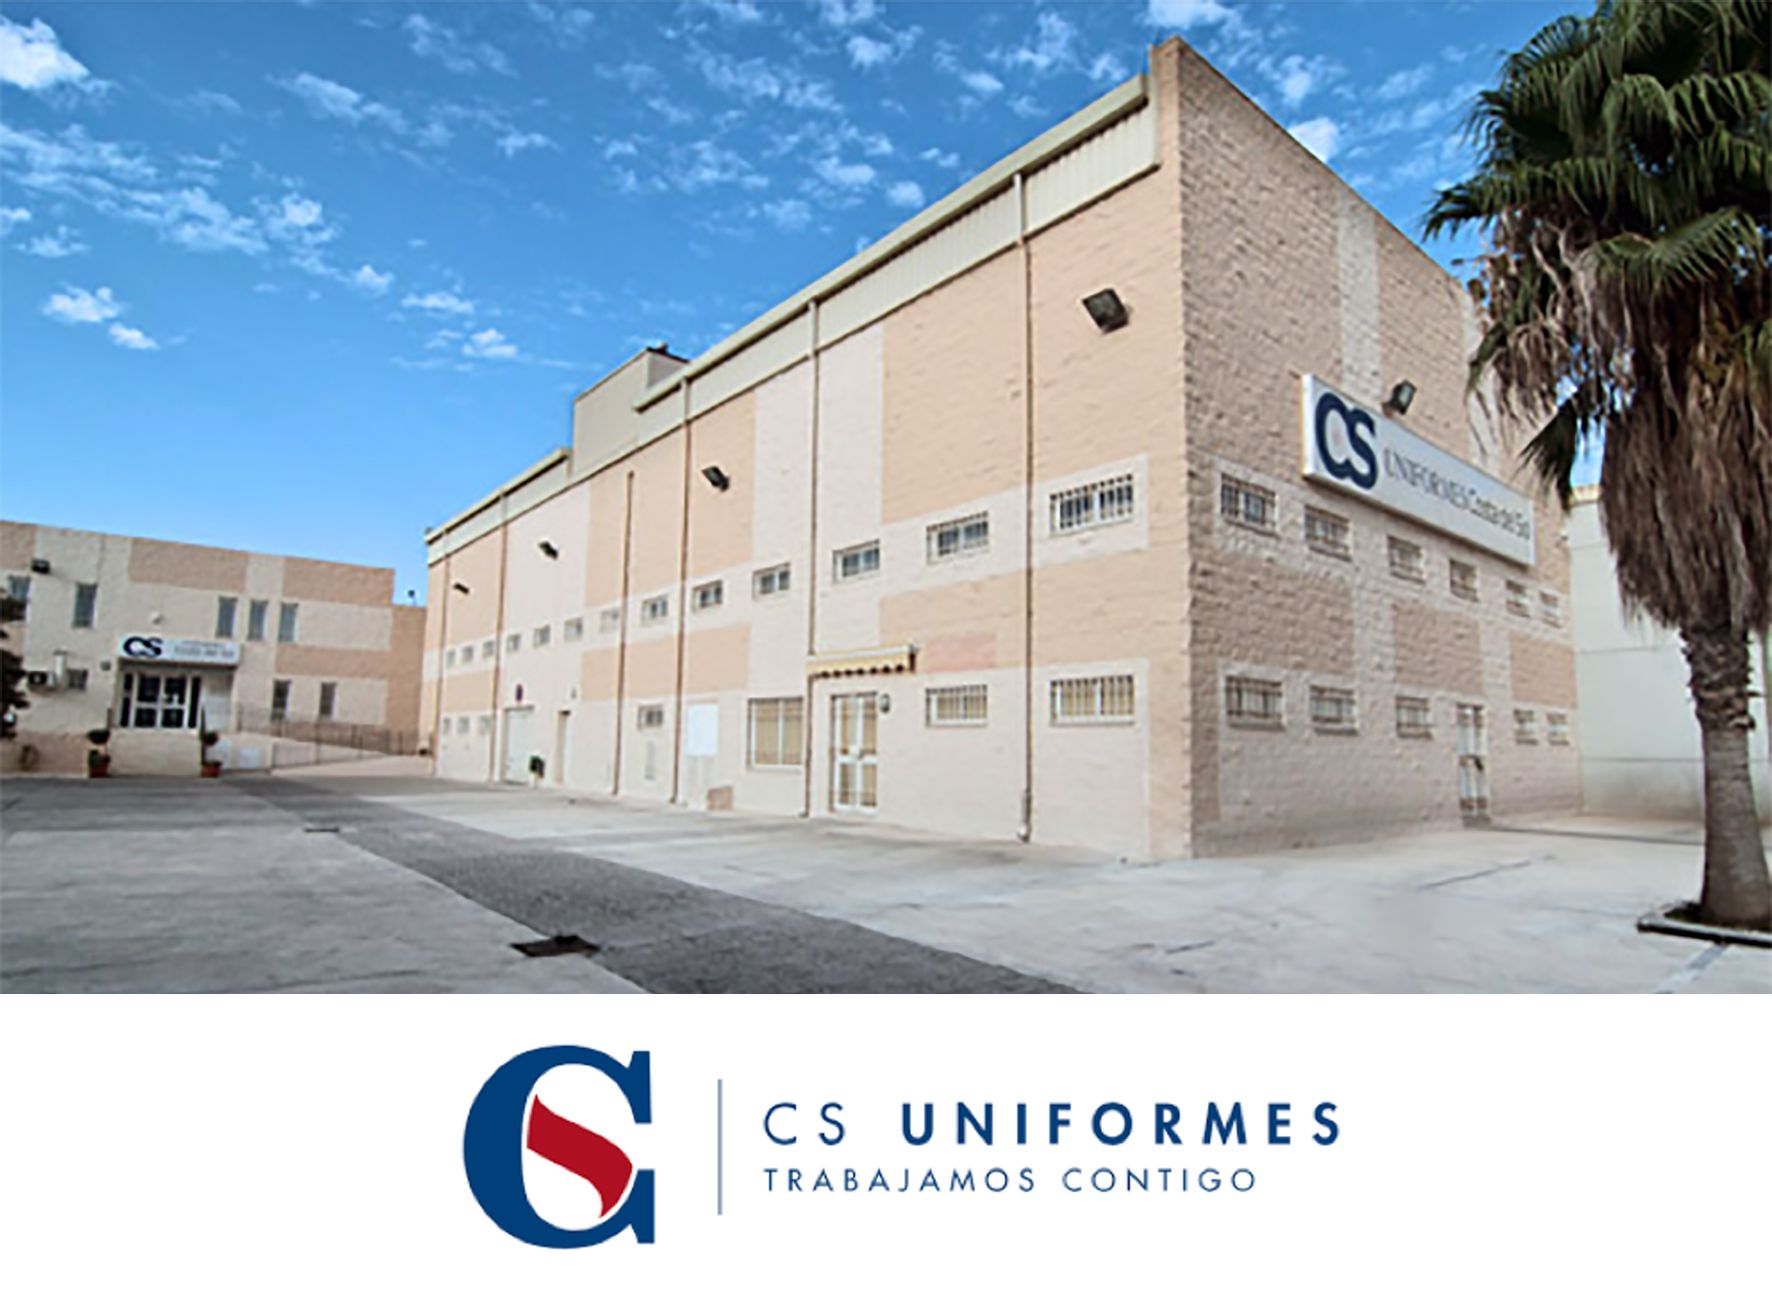 Foto de CS Uniformes